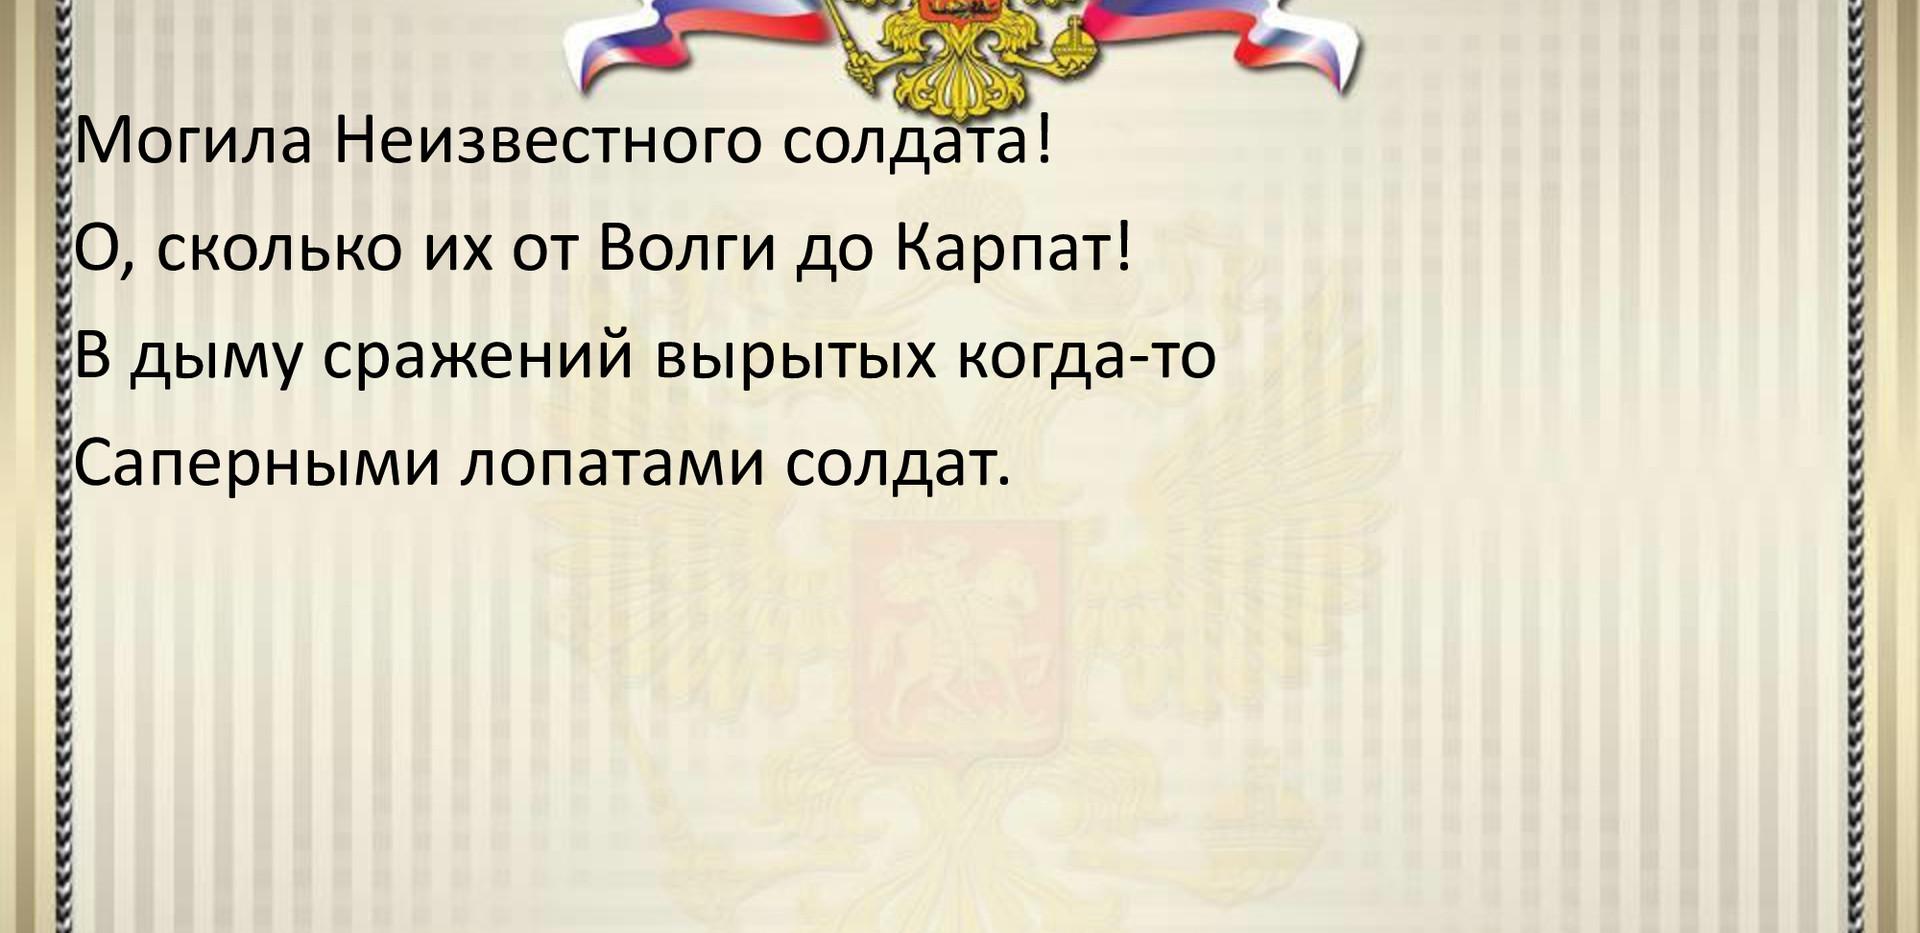 a0196a48cc67de83c87257b06a29db39-13.jpg